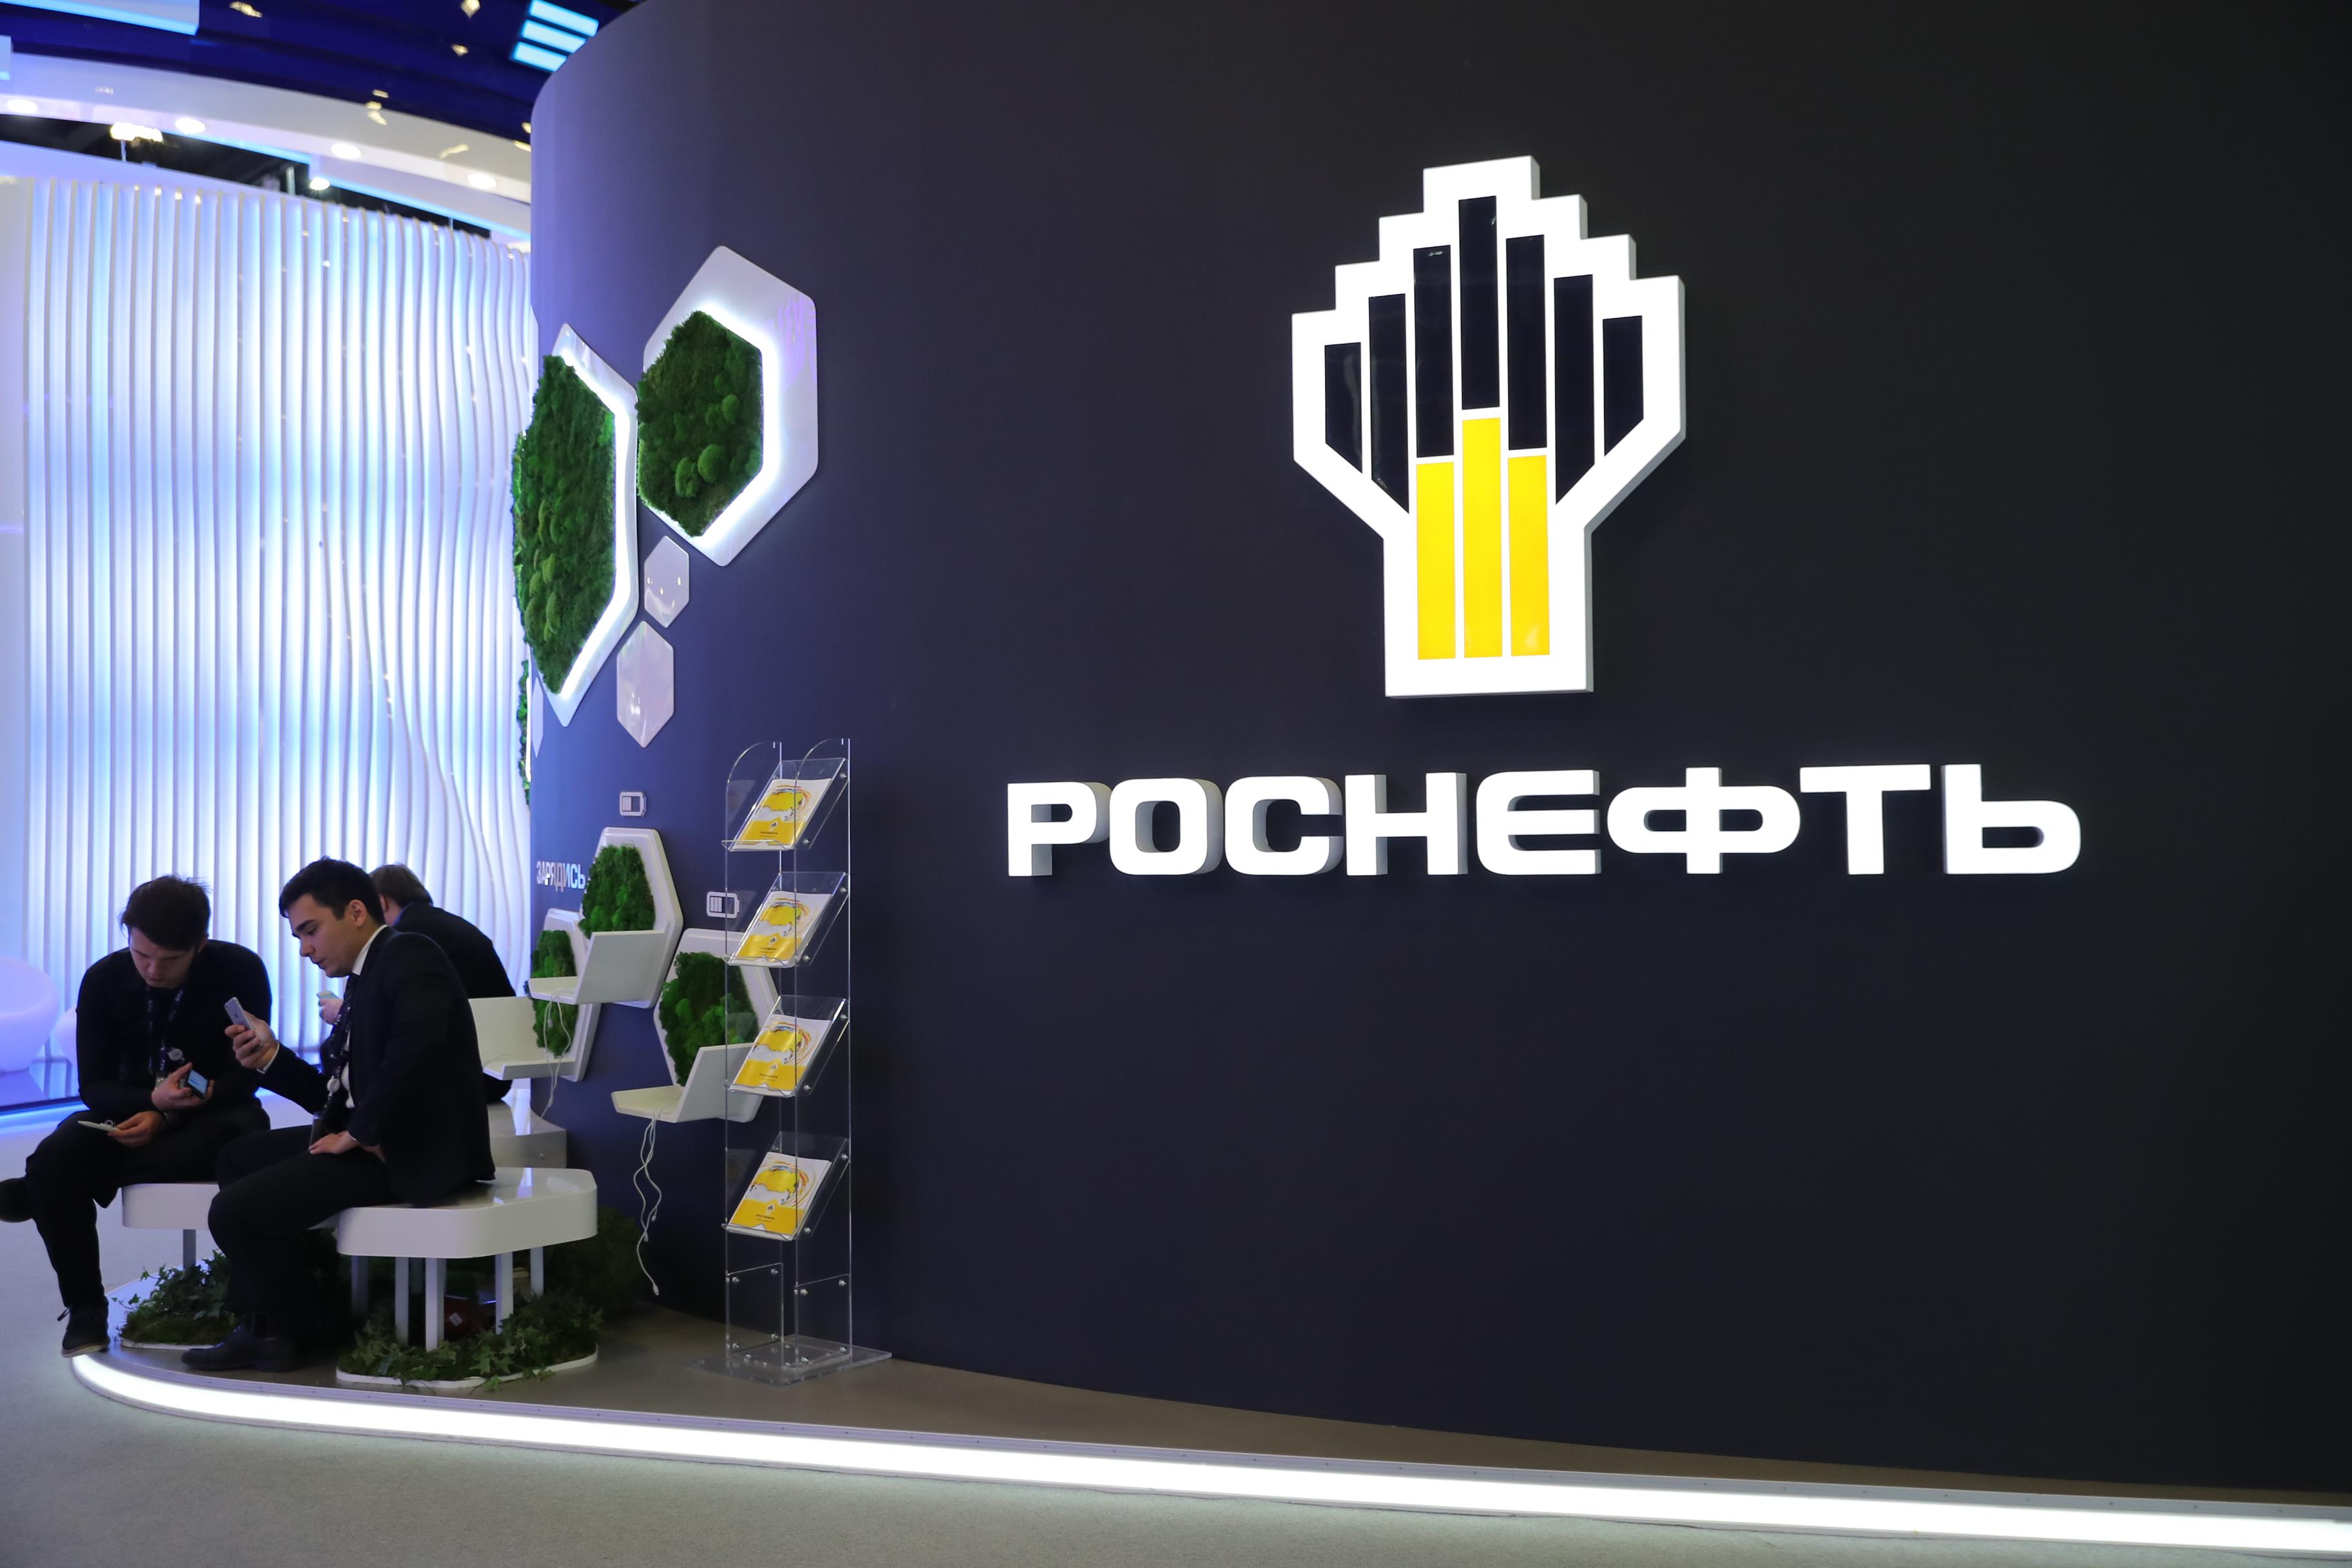 Фото: Владислав Шатило / RBC / ТАСС